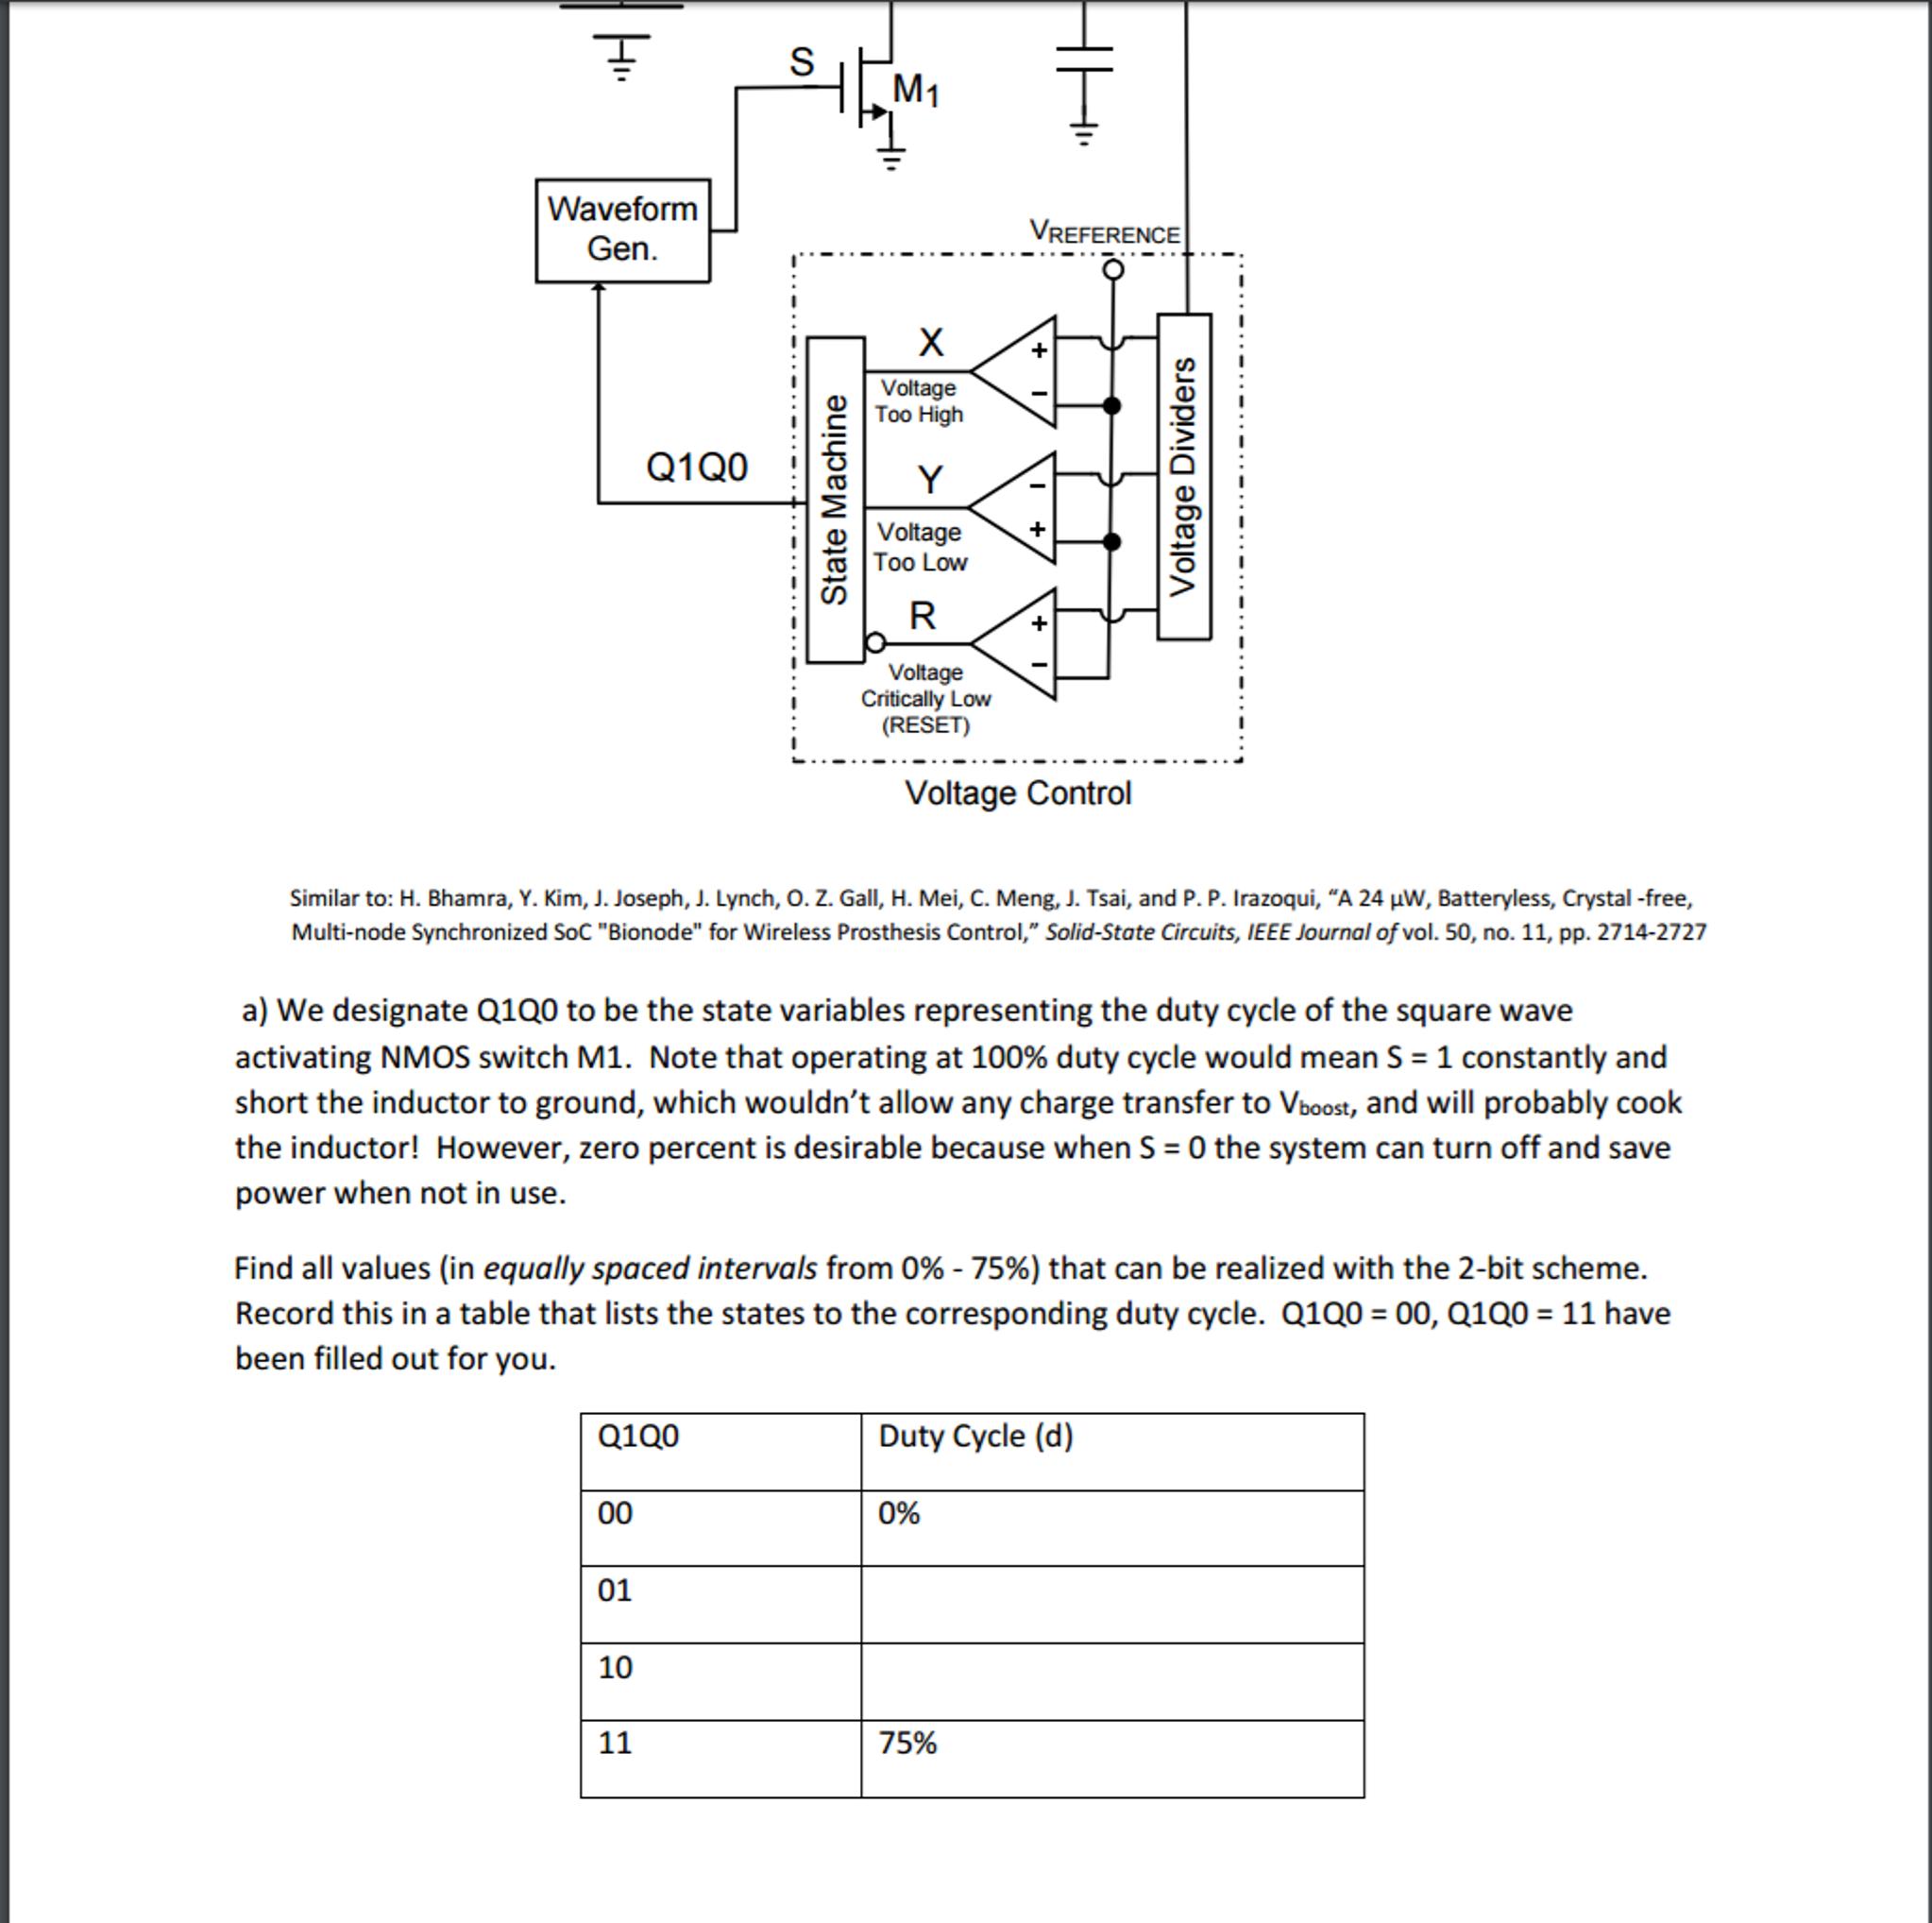 Solved: M1 Waveform VREFERENCE Gen I Voltage Too High Volt